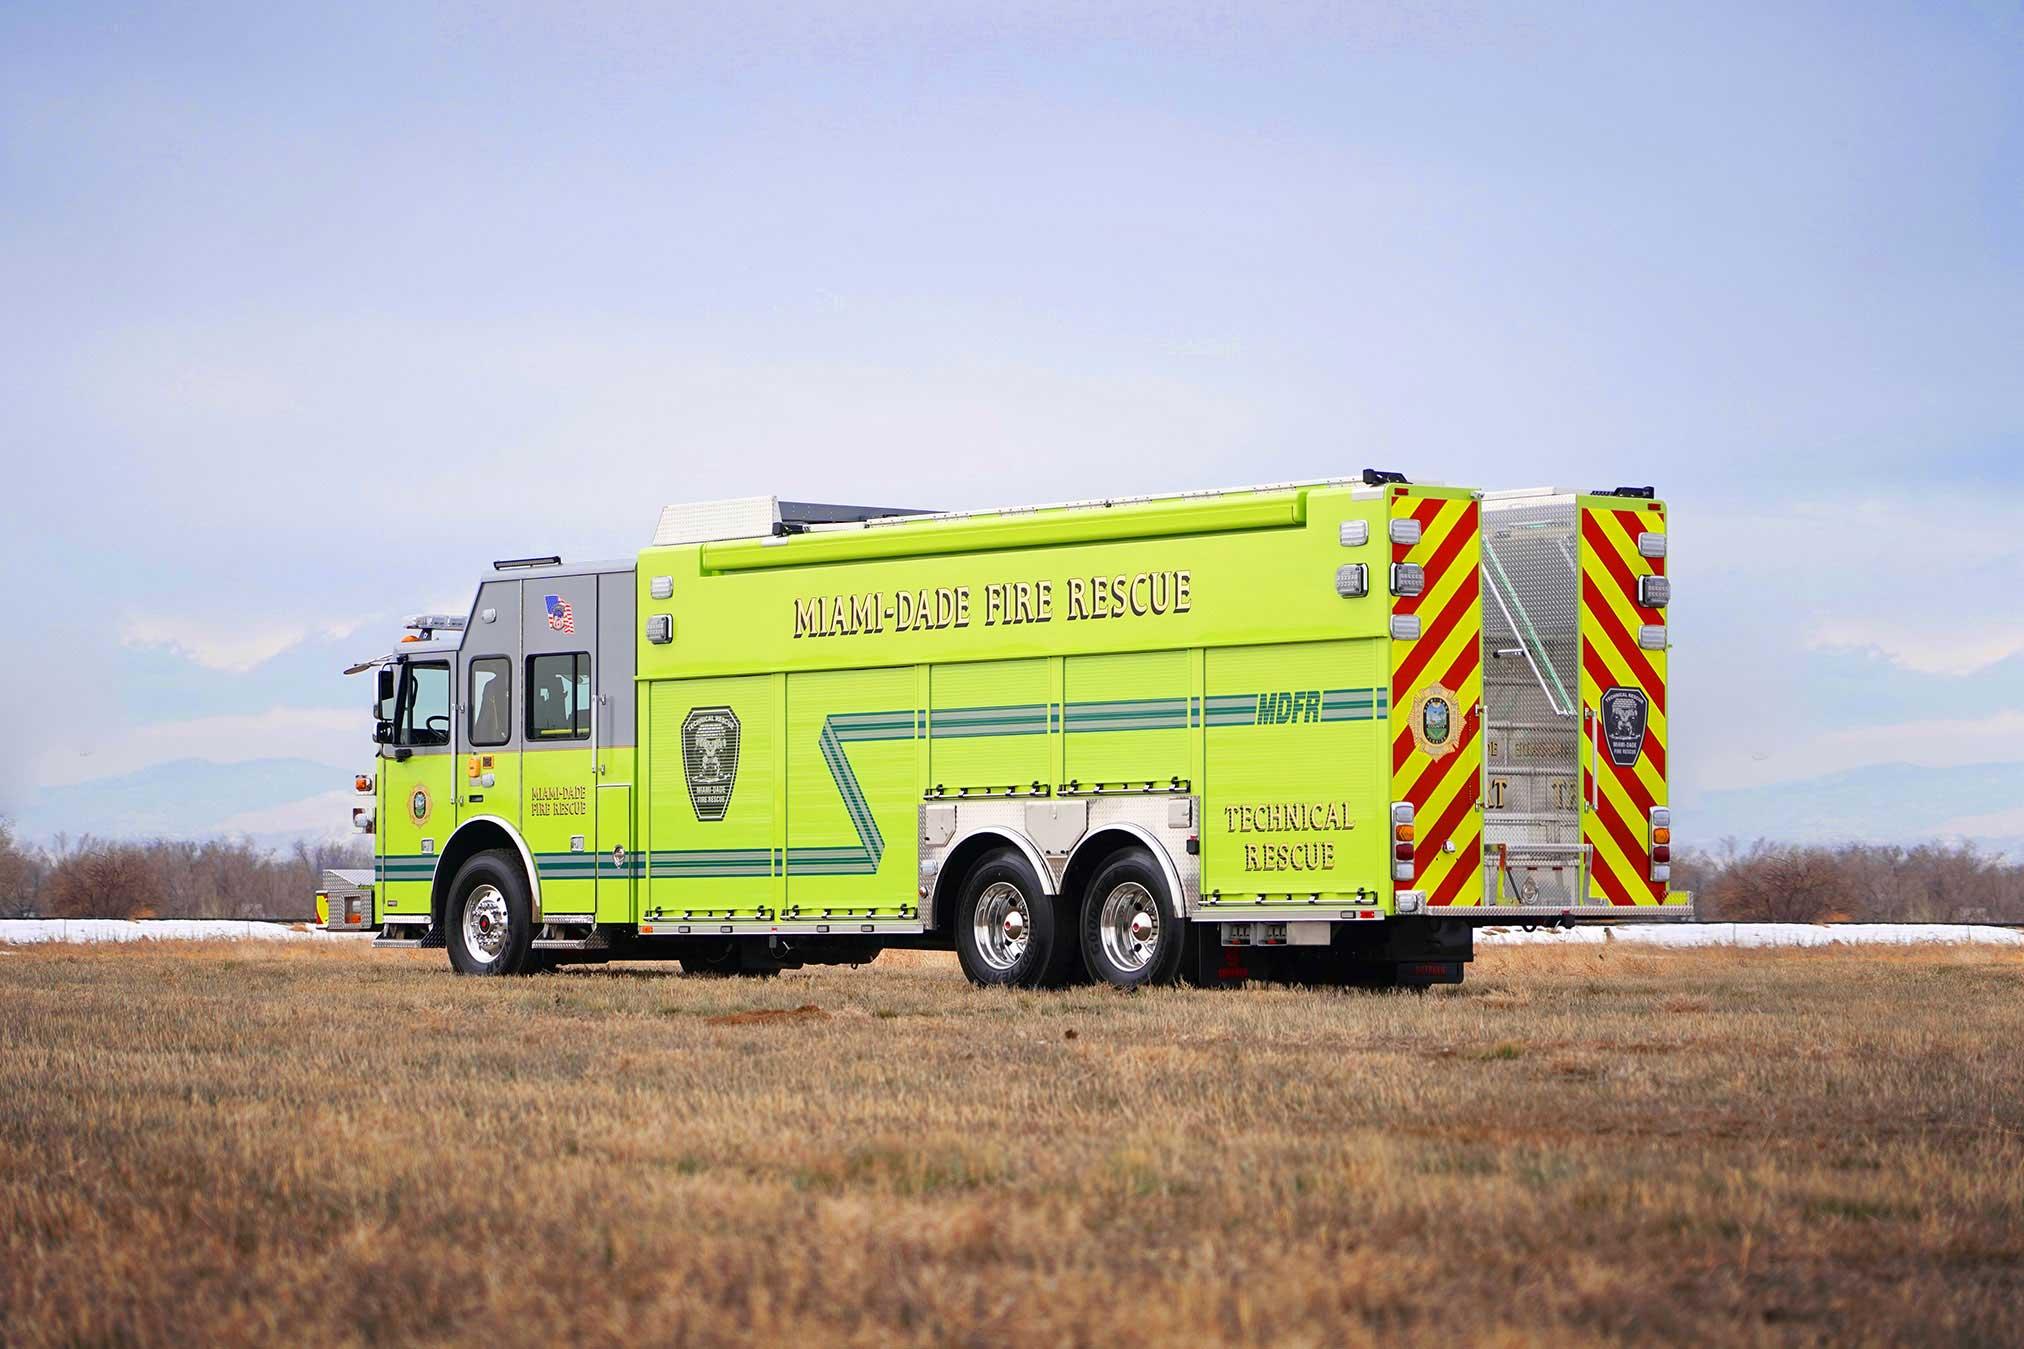 Miami-Dade Fire Rescue Heavy Rescue